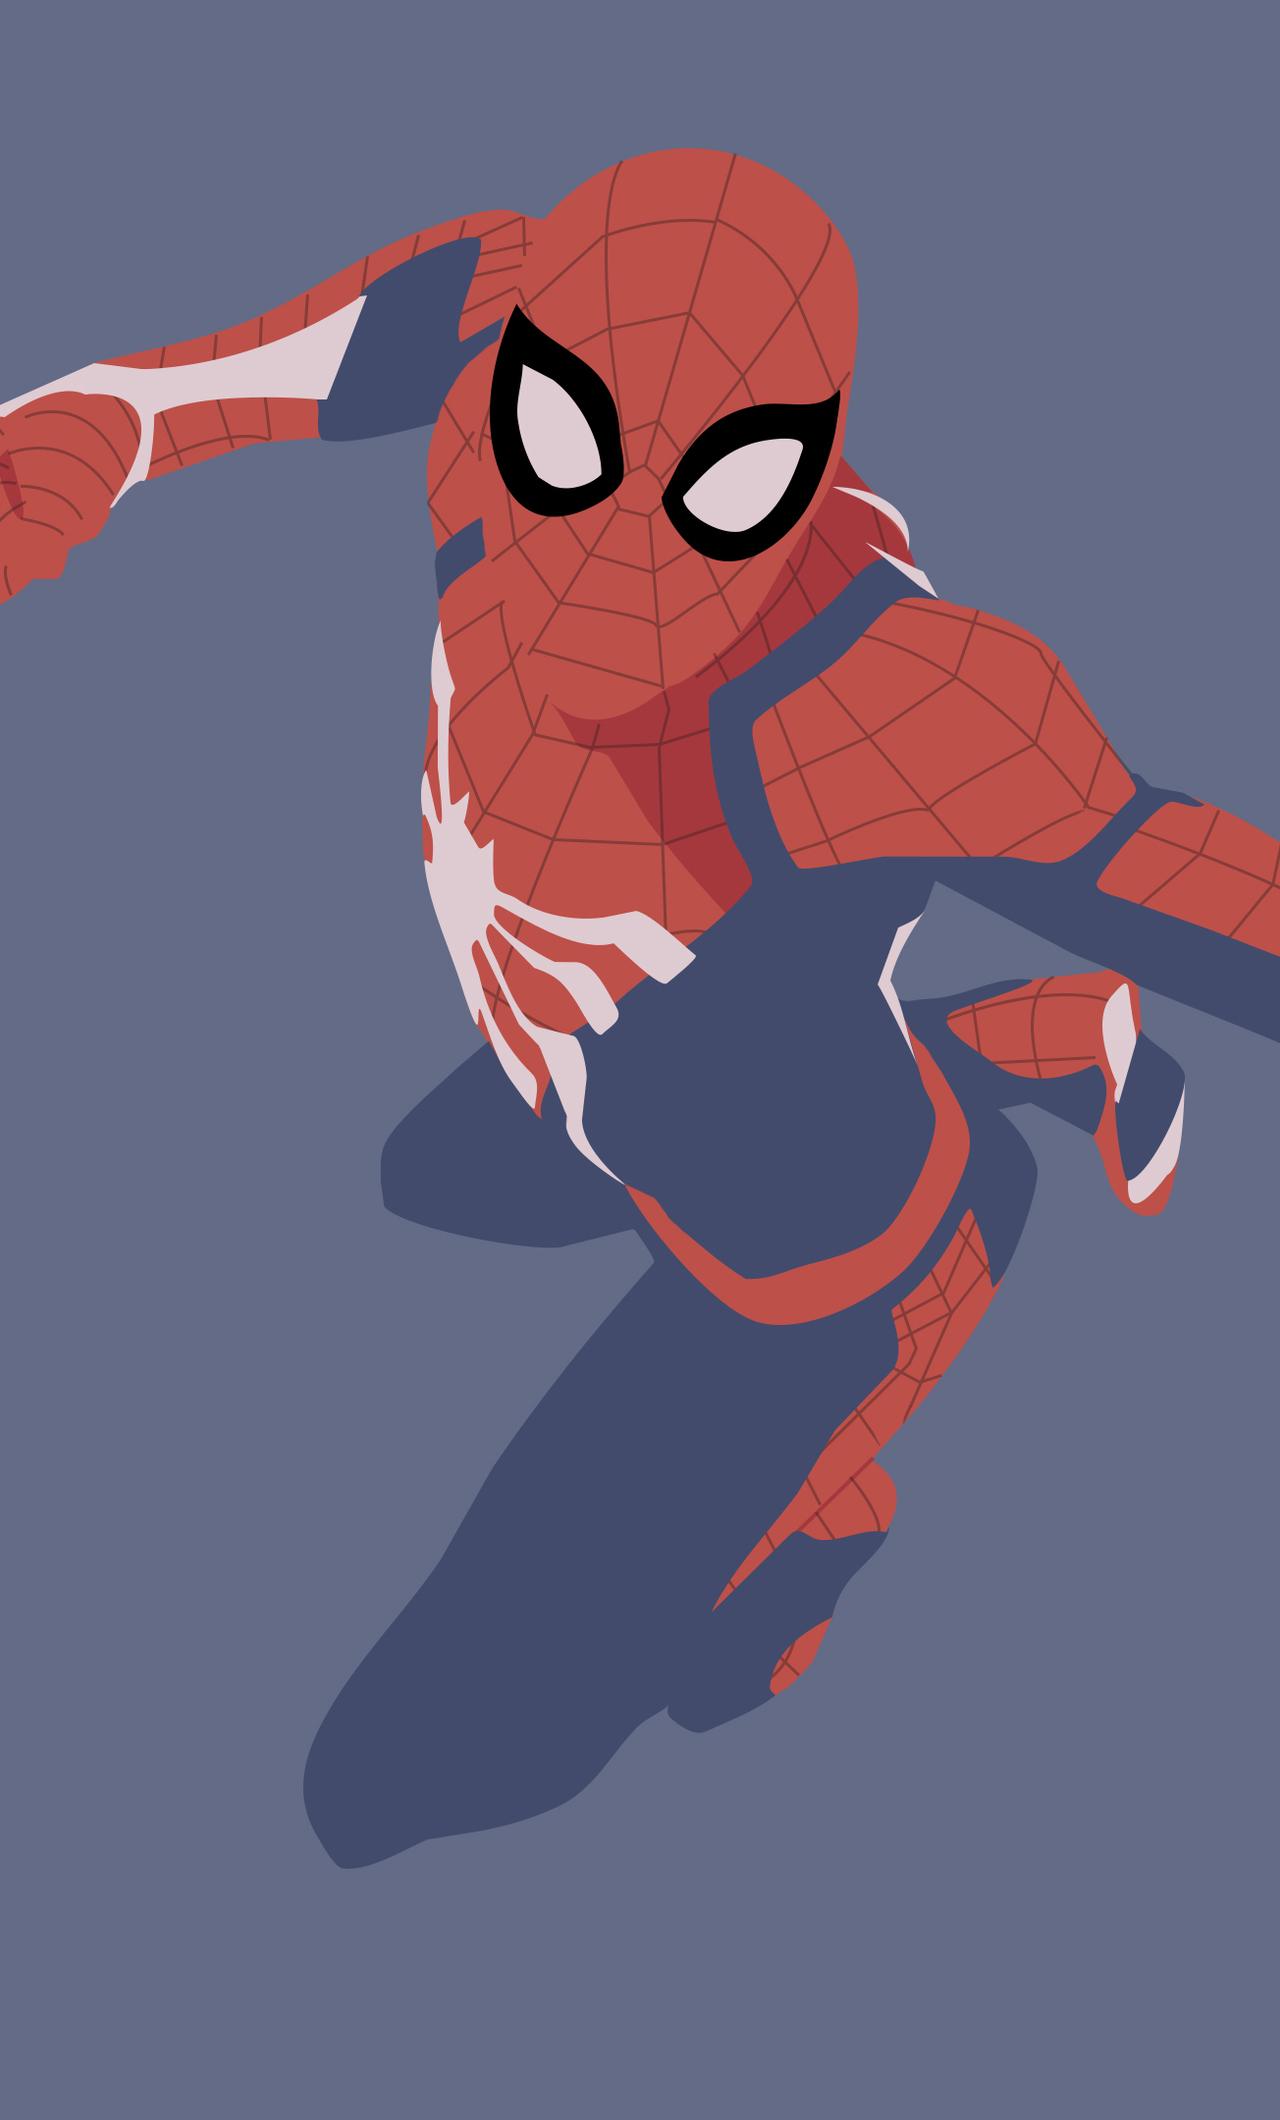 スパイダーマンイラストベスト 4kの壁紙の携帯電話 1280x21 Wallpapertip